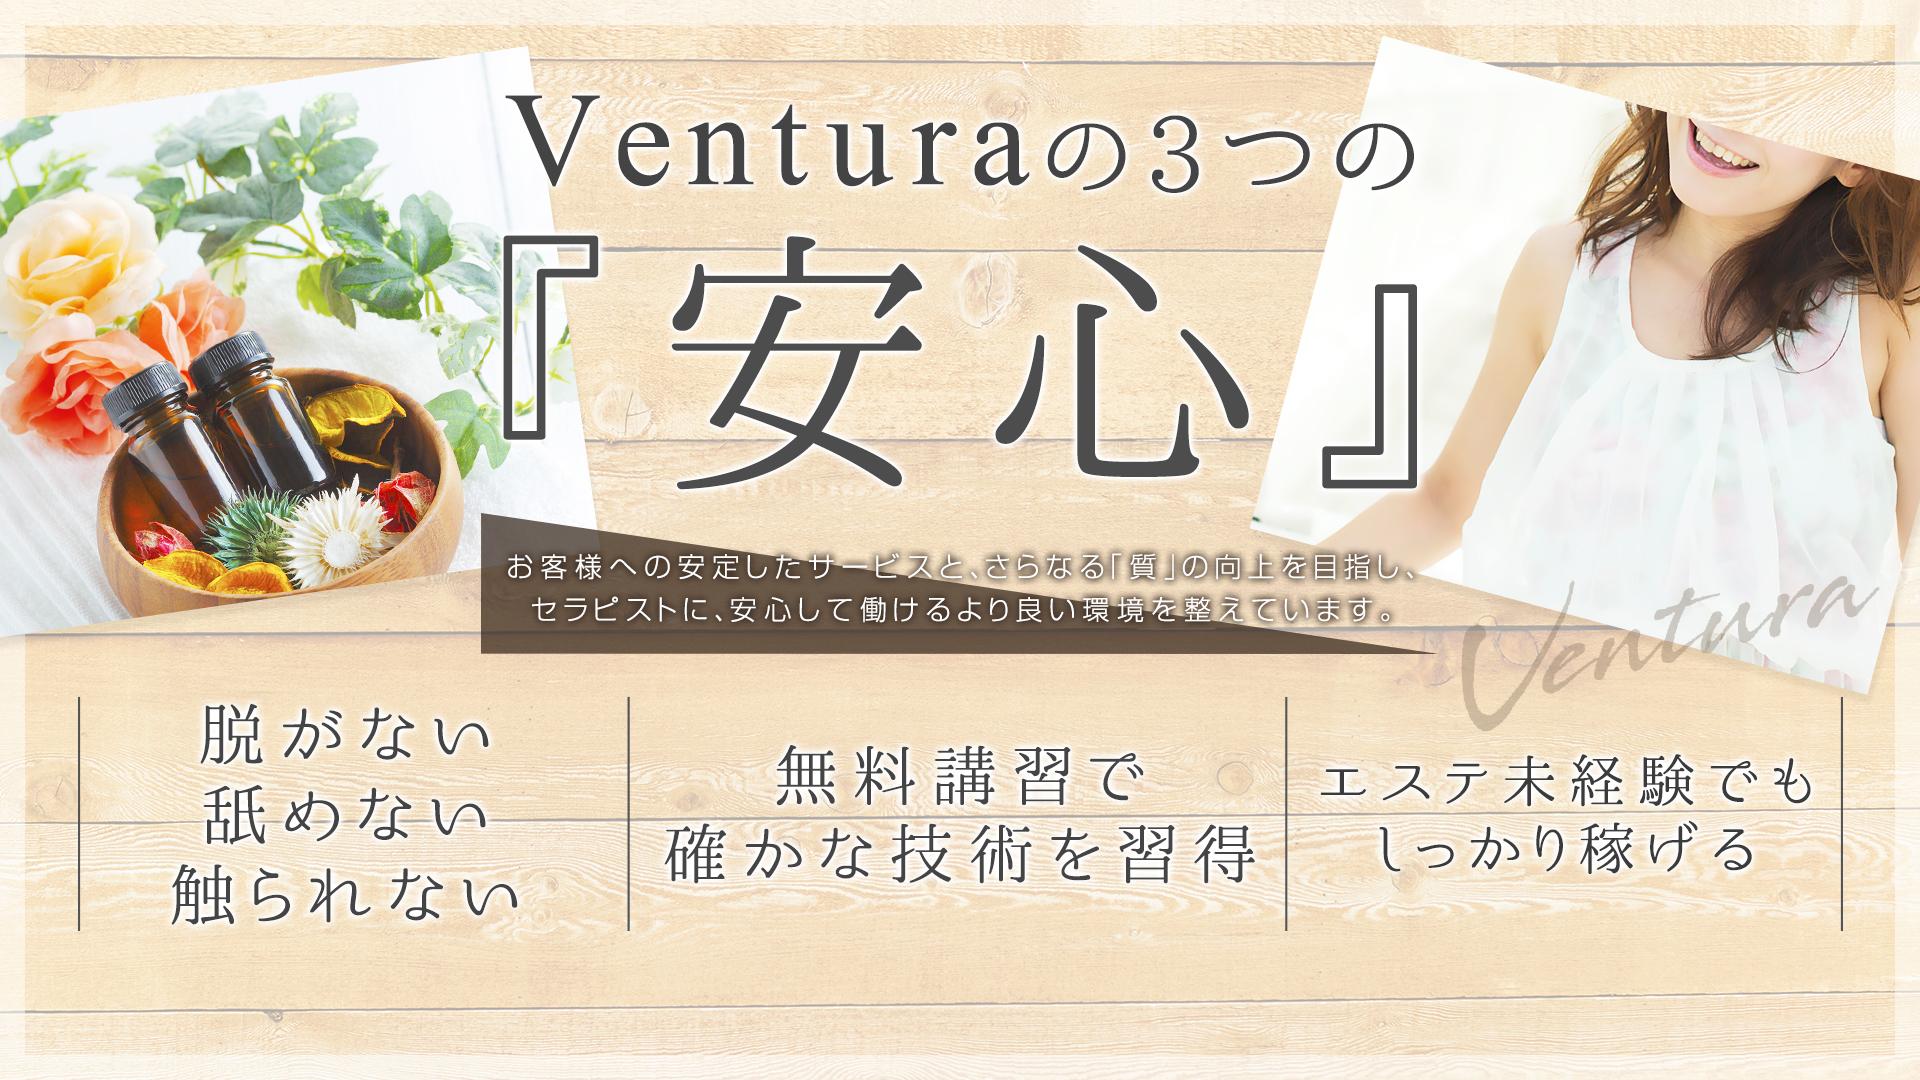 Ventura(ベントゥーラ)